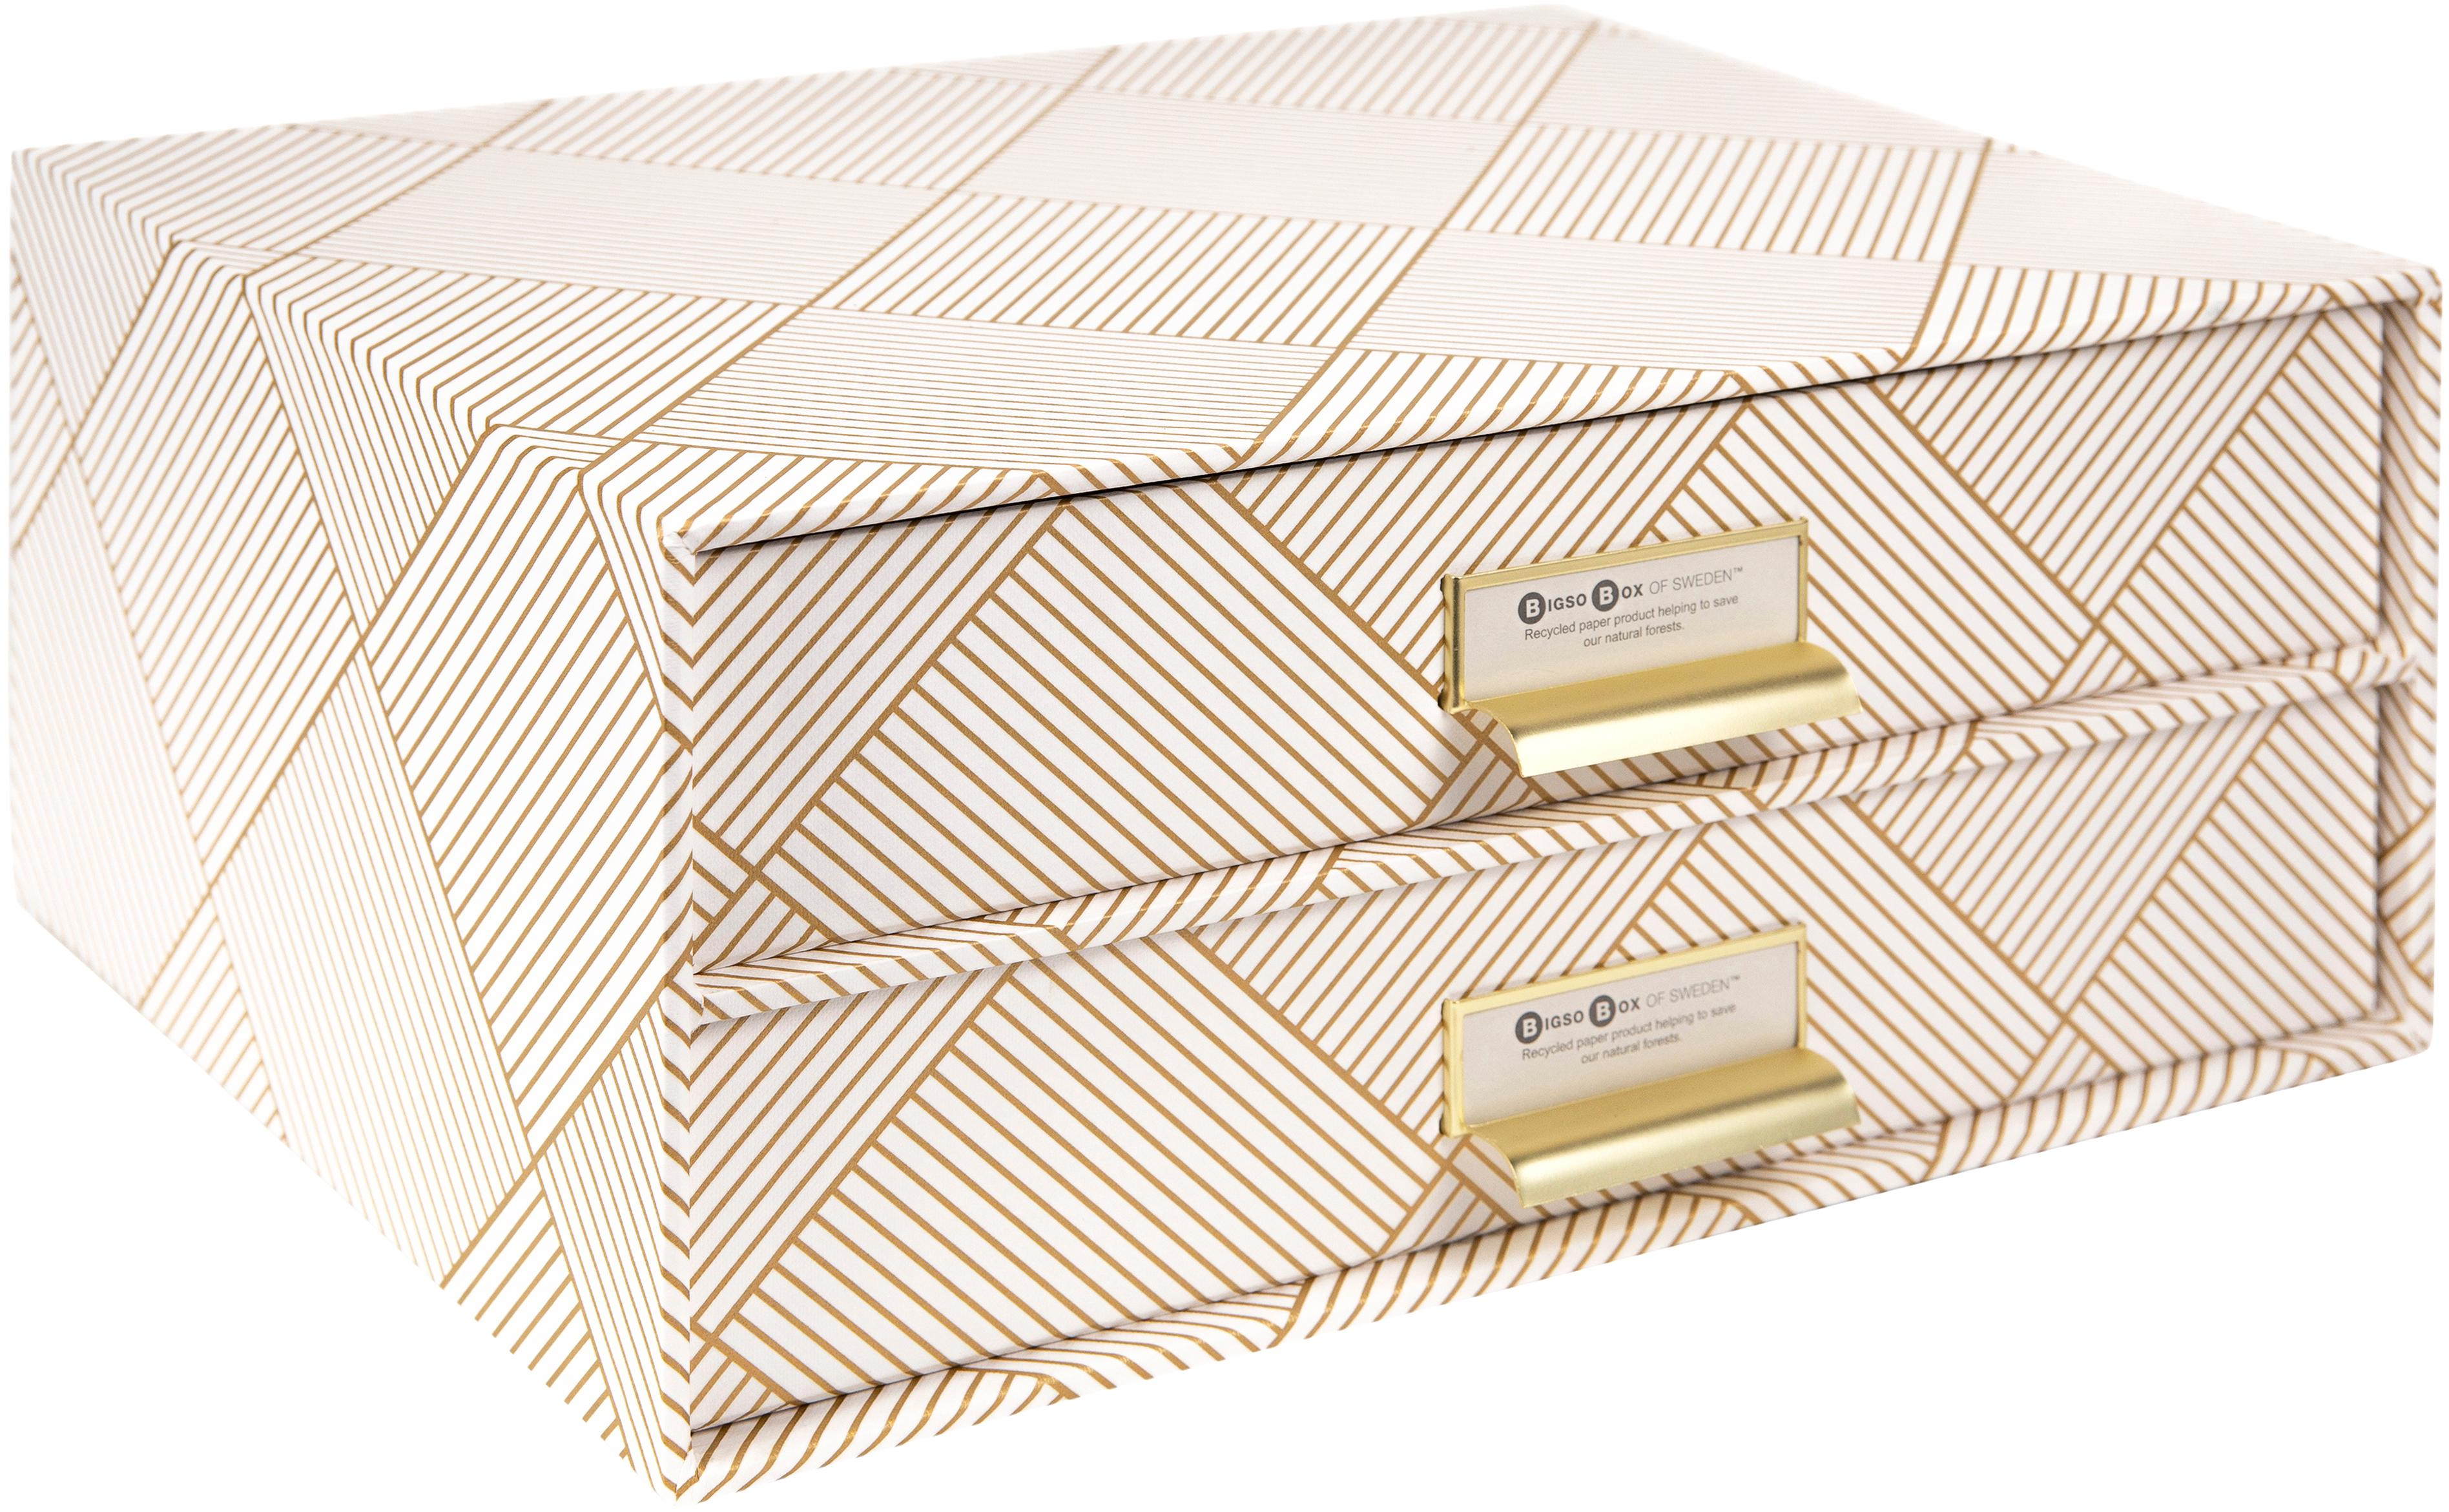 Büro-Organizer Birger, Organizer: Fester, laminierter Karto, Goldfarben, Weiß, 33 x 15 cm